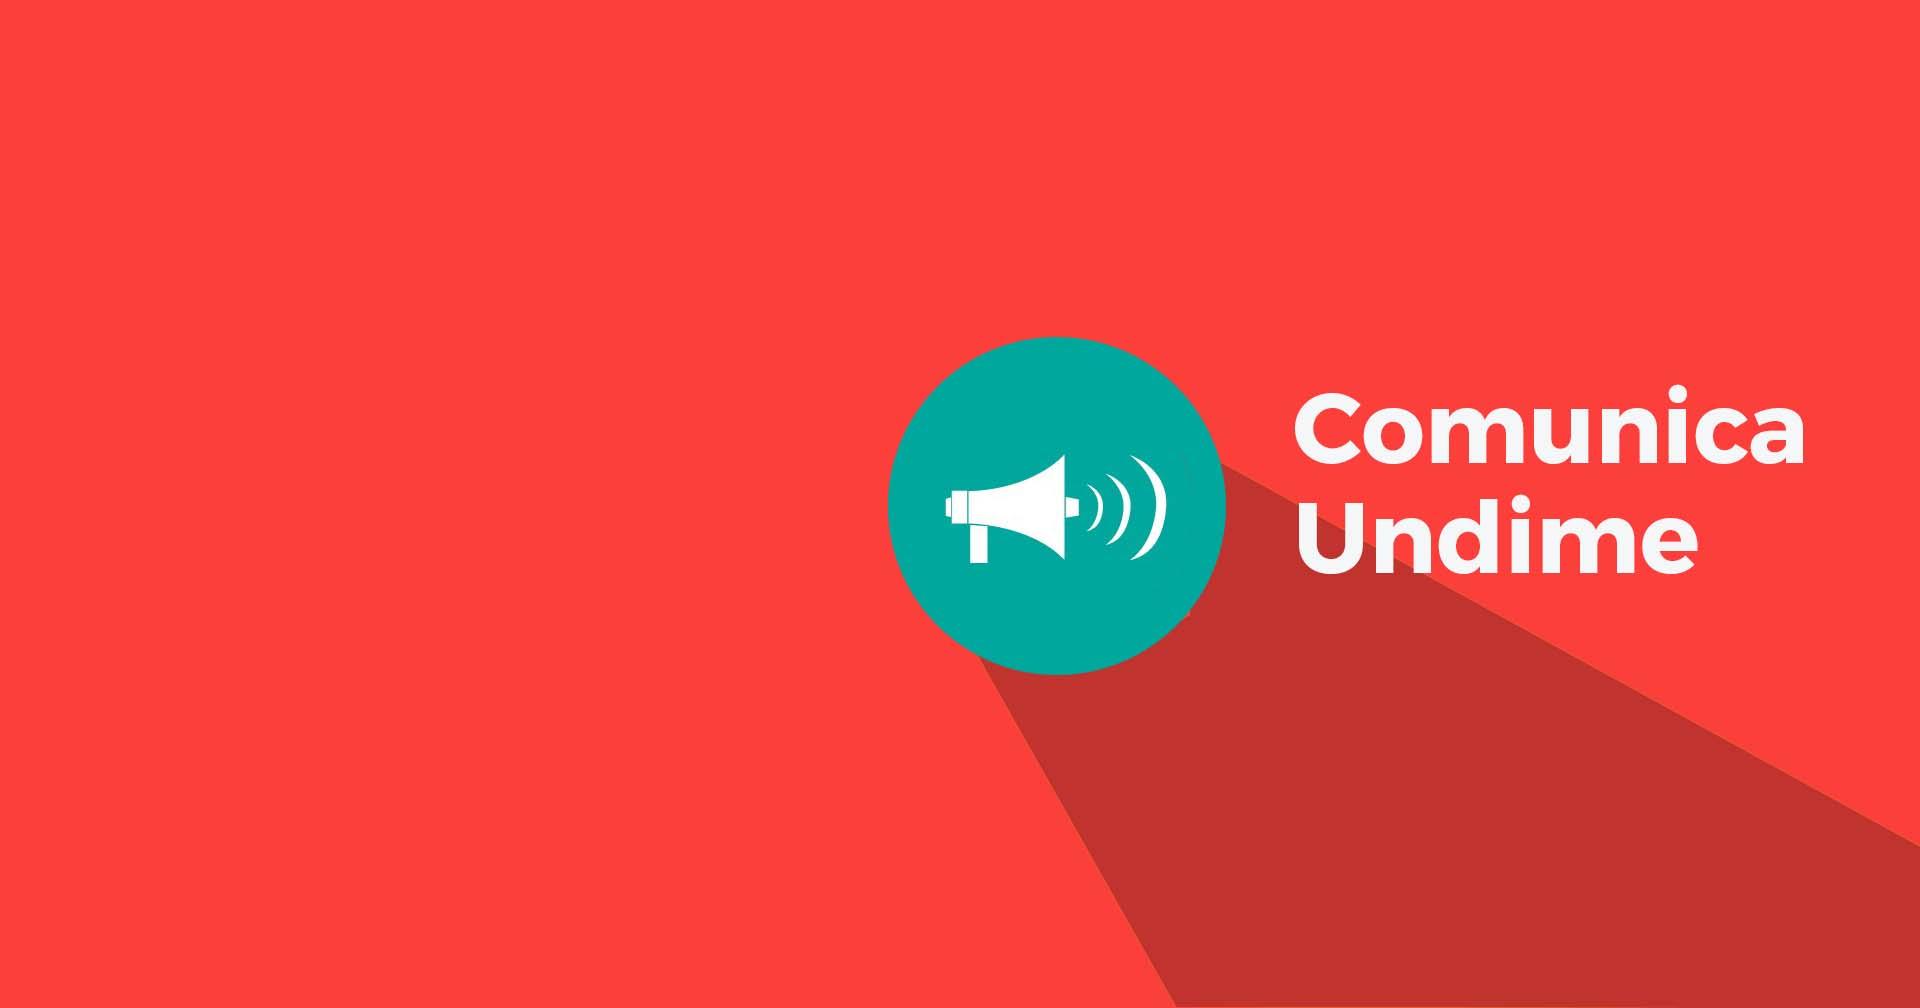 Comunica Undime